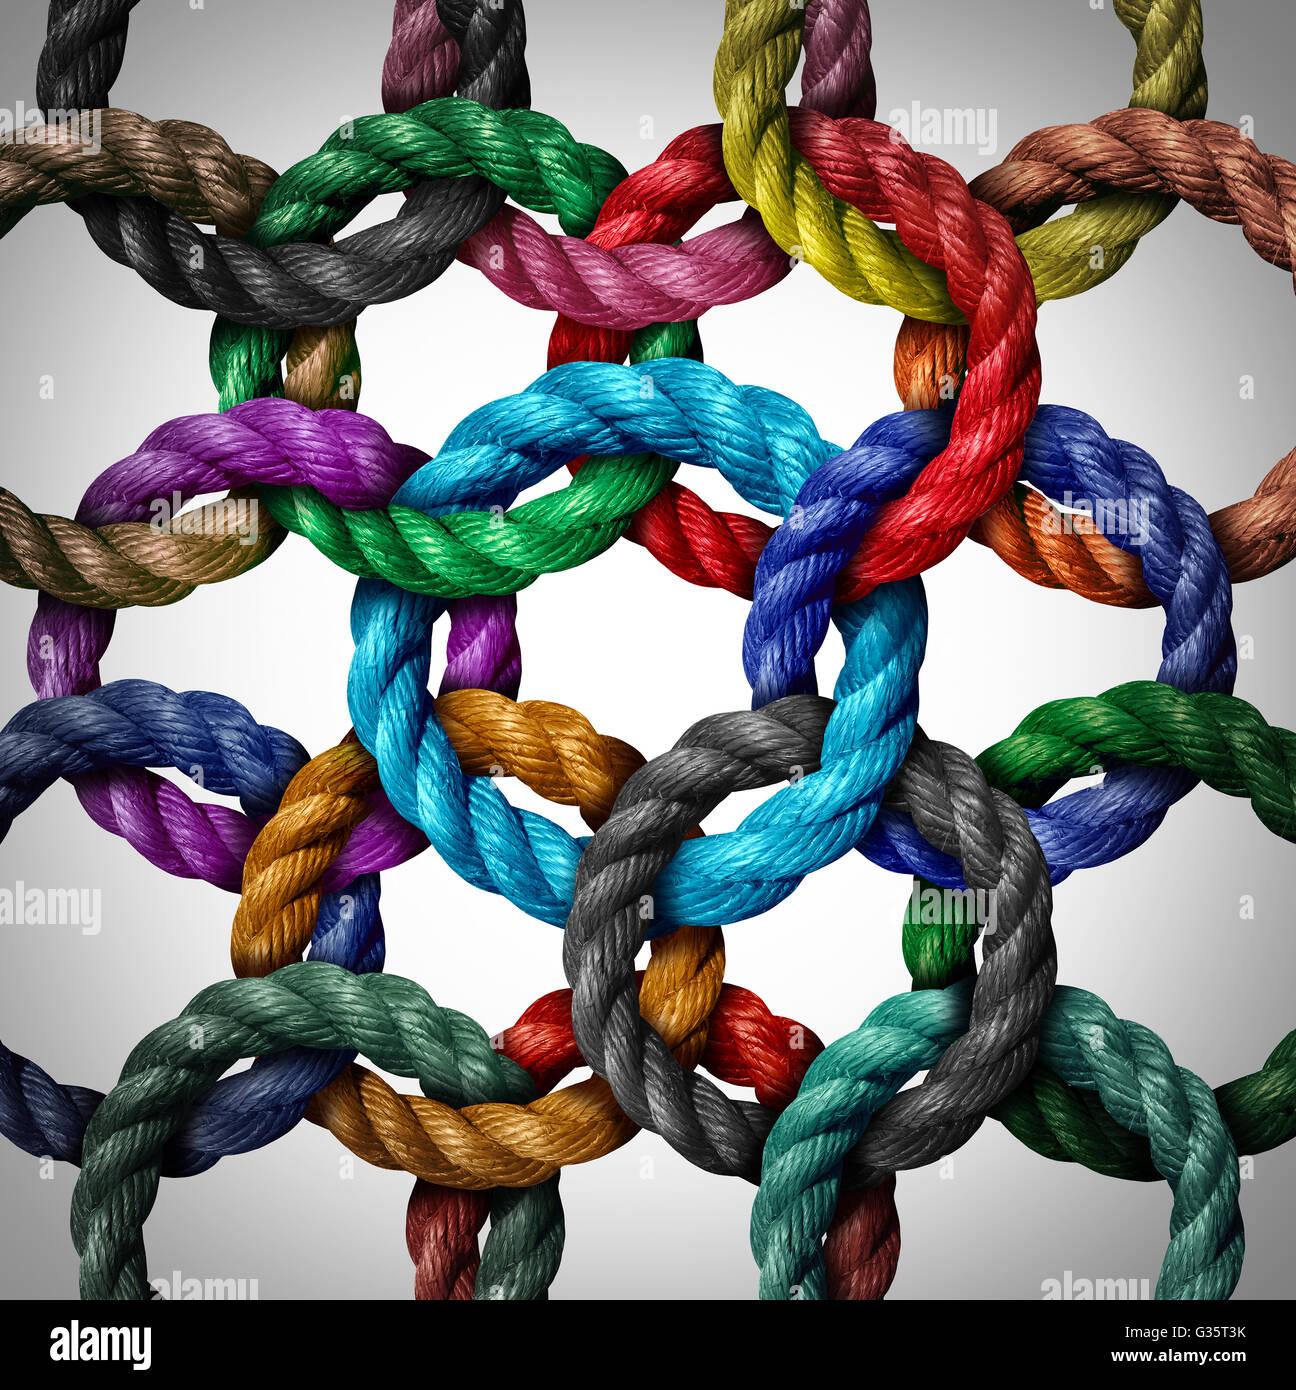 Red central y conexión de red concepto de negocio como un grupo diverso de cuerdas del círculo central Imagen De Stock